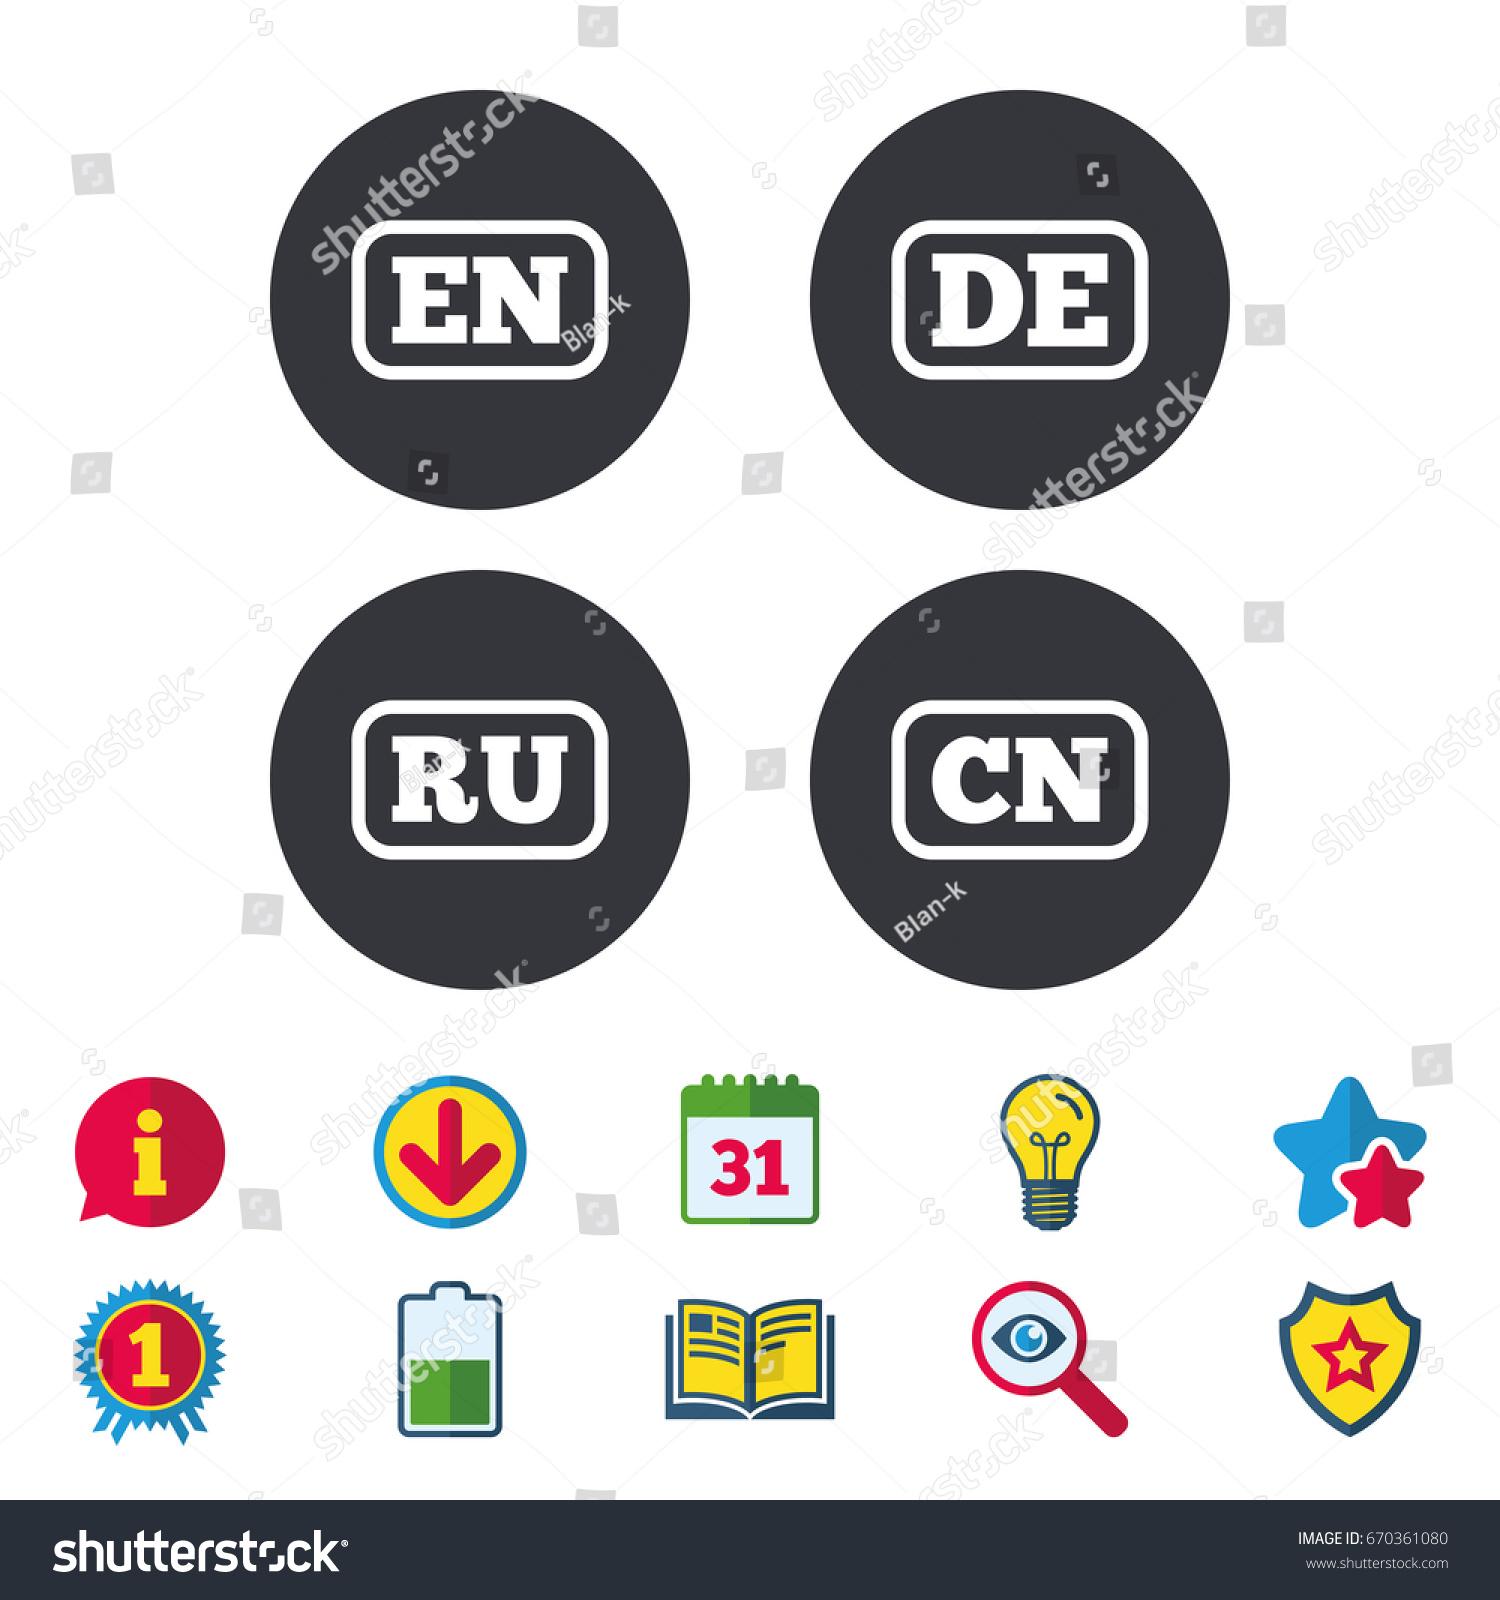 Language Icons En De Ru Cn Stock Vector Royalty Free 670361080